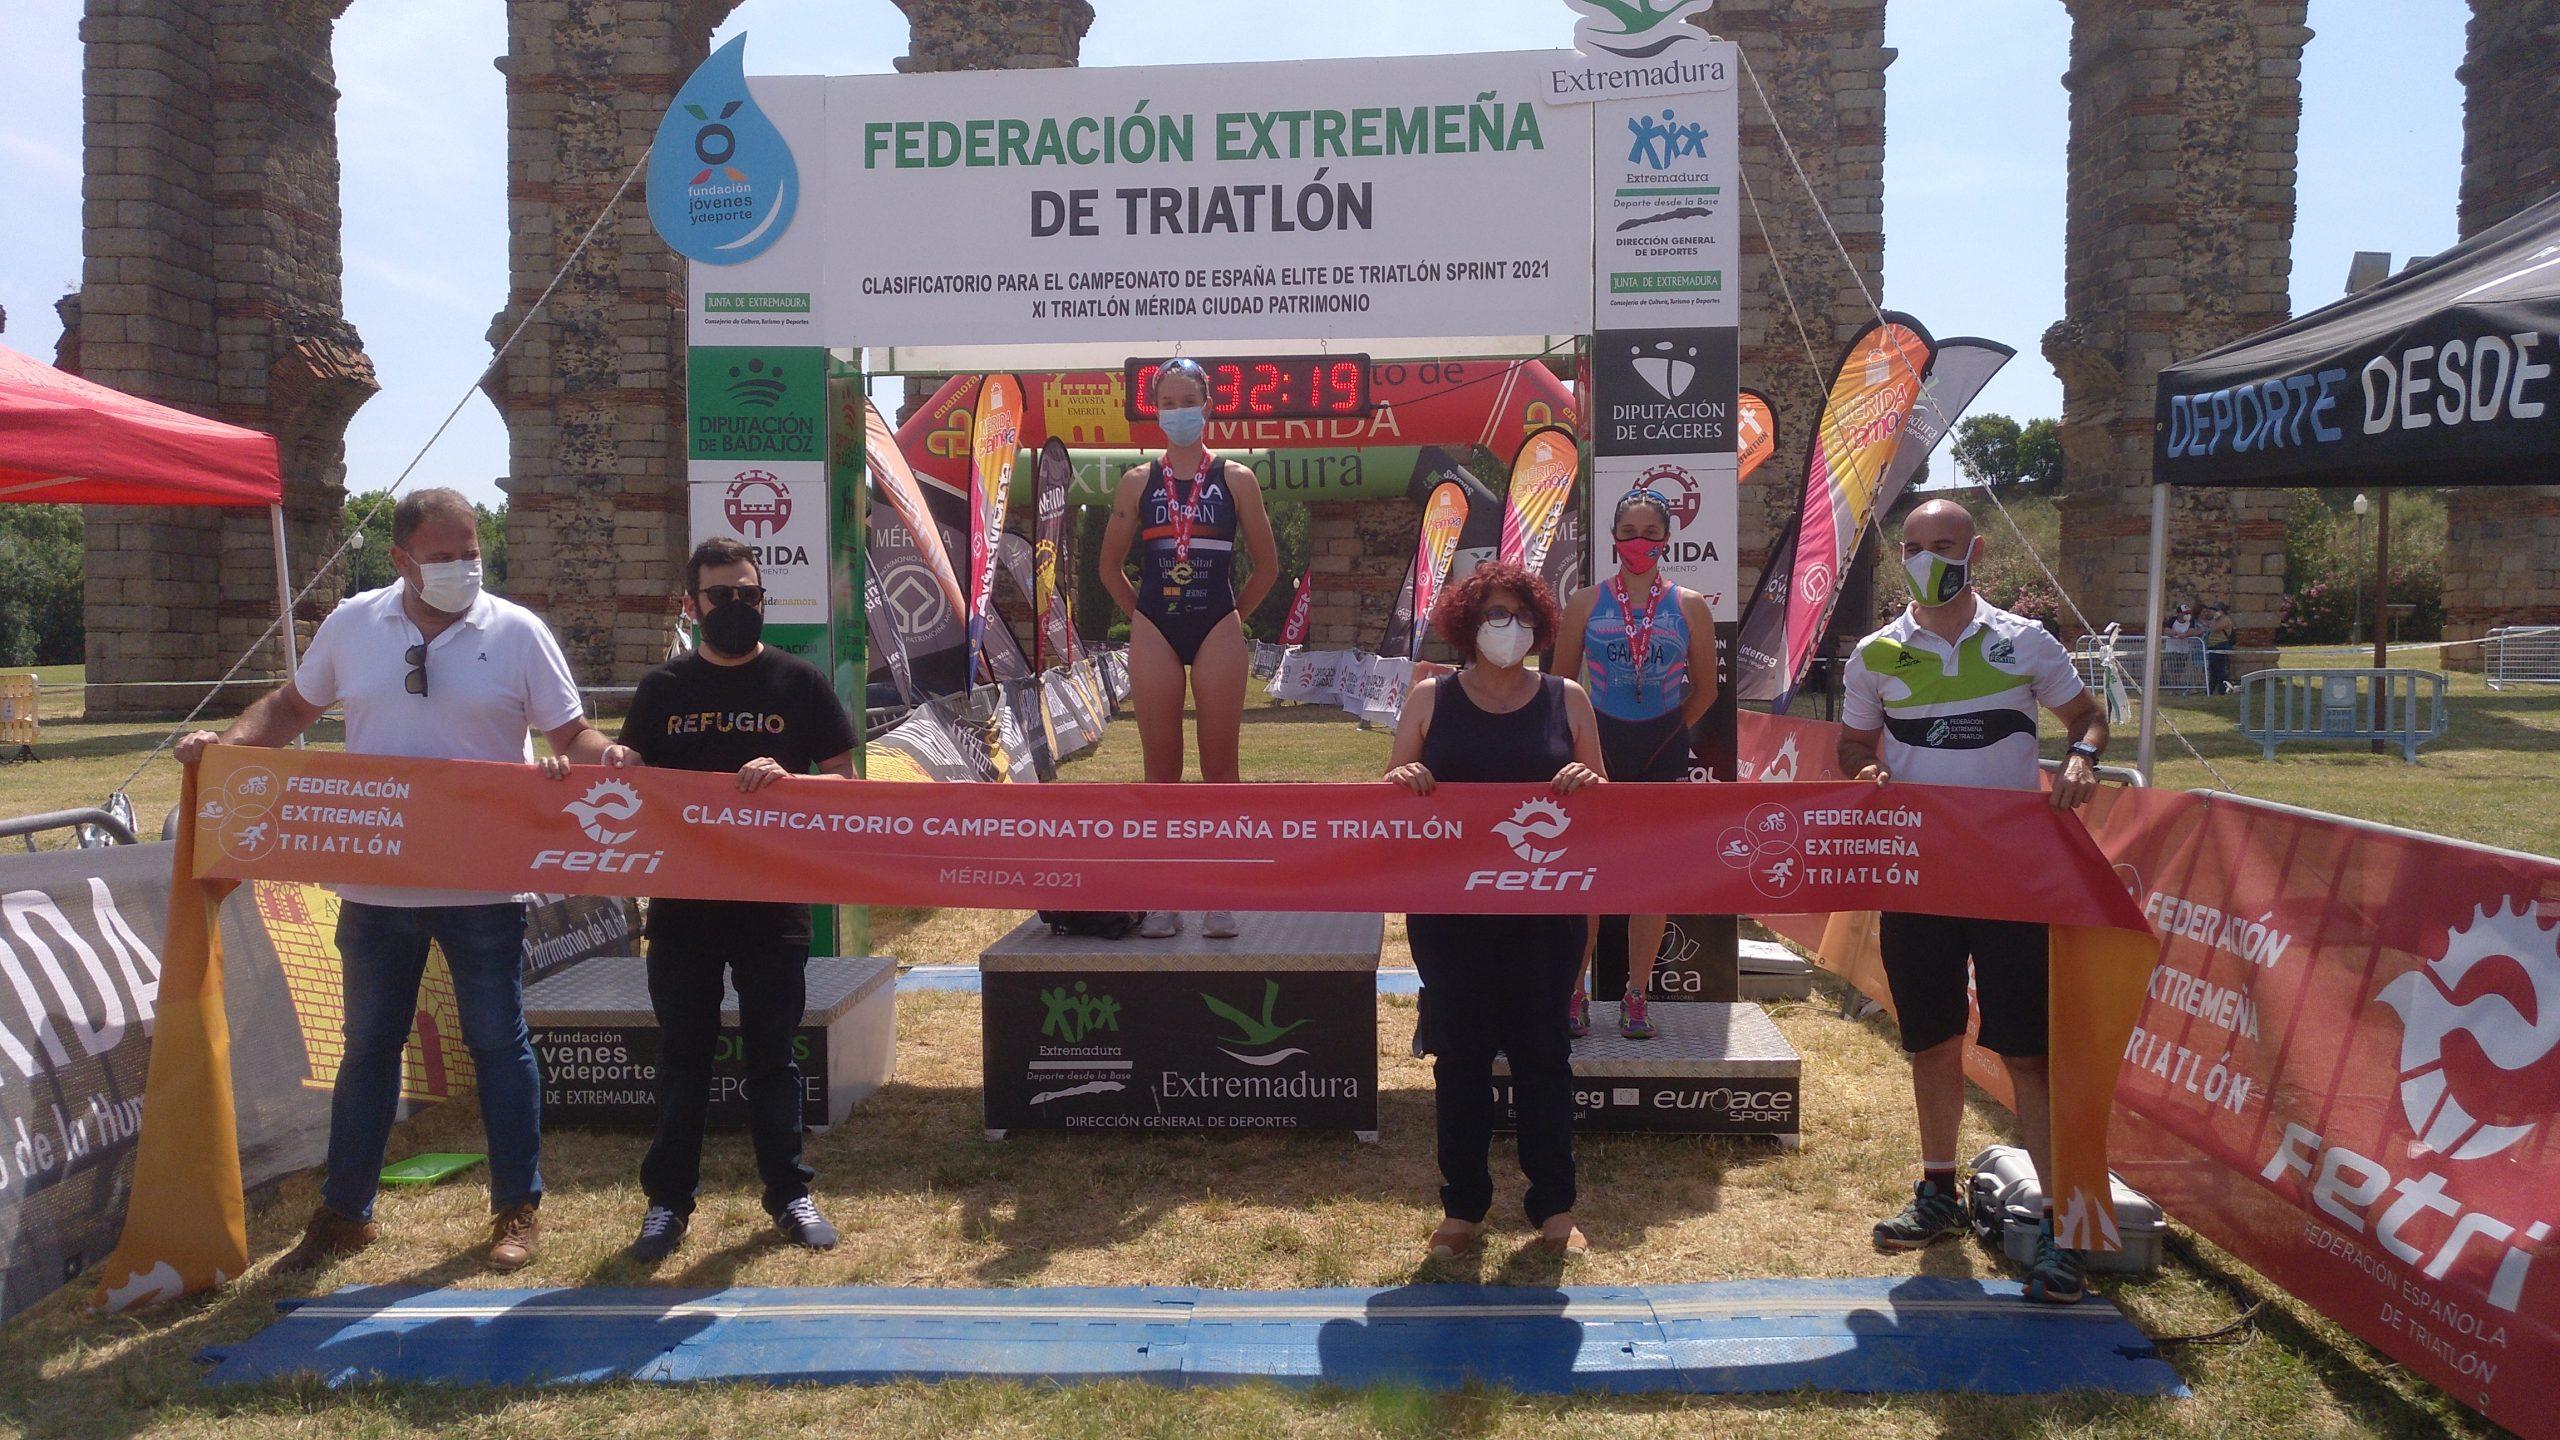 Ander Noain y Laura Durán ganan el XI Triatlón Ciudad de Mérida, primer clasificatorio para el Campeonato de España Sprint